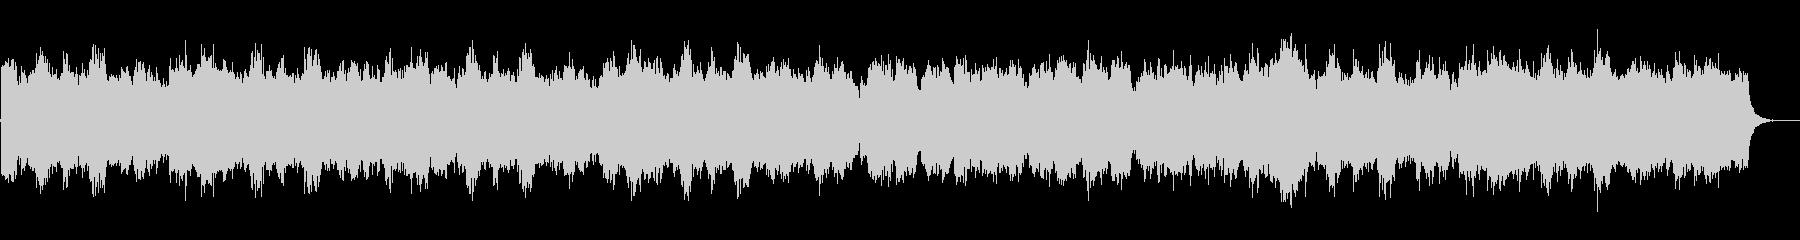 ヴァイオリンとピアノ 和風クラシックの未再生の波形